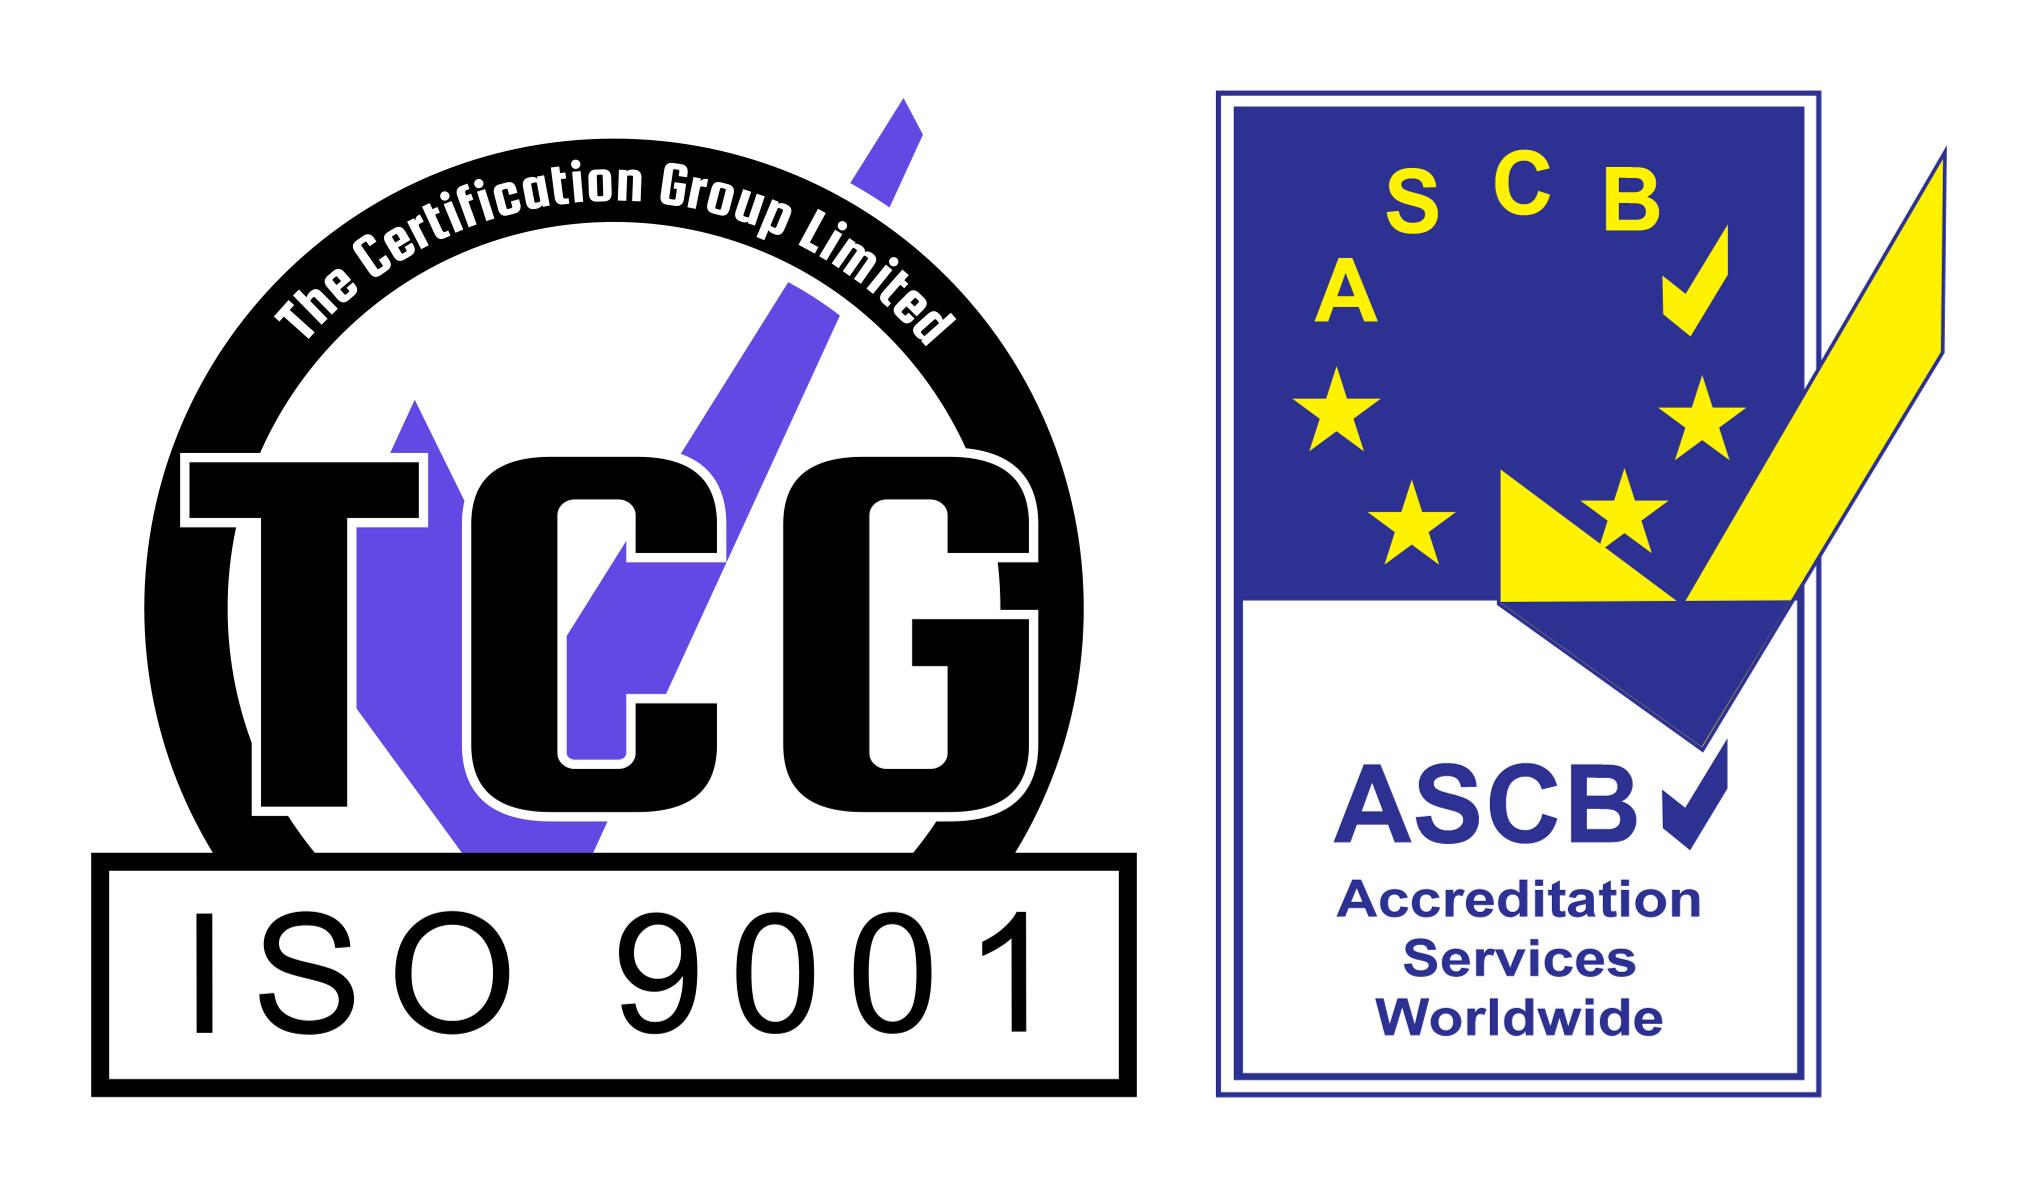 9001 ASCB